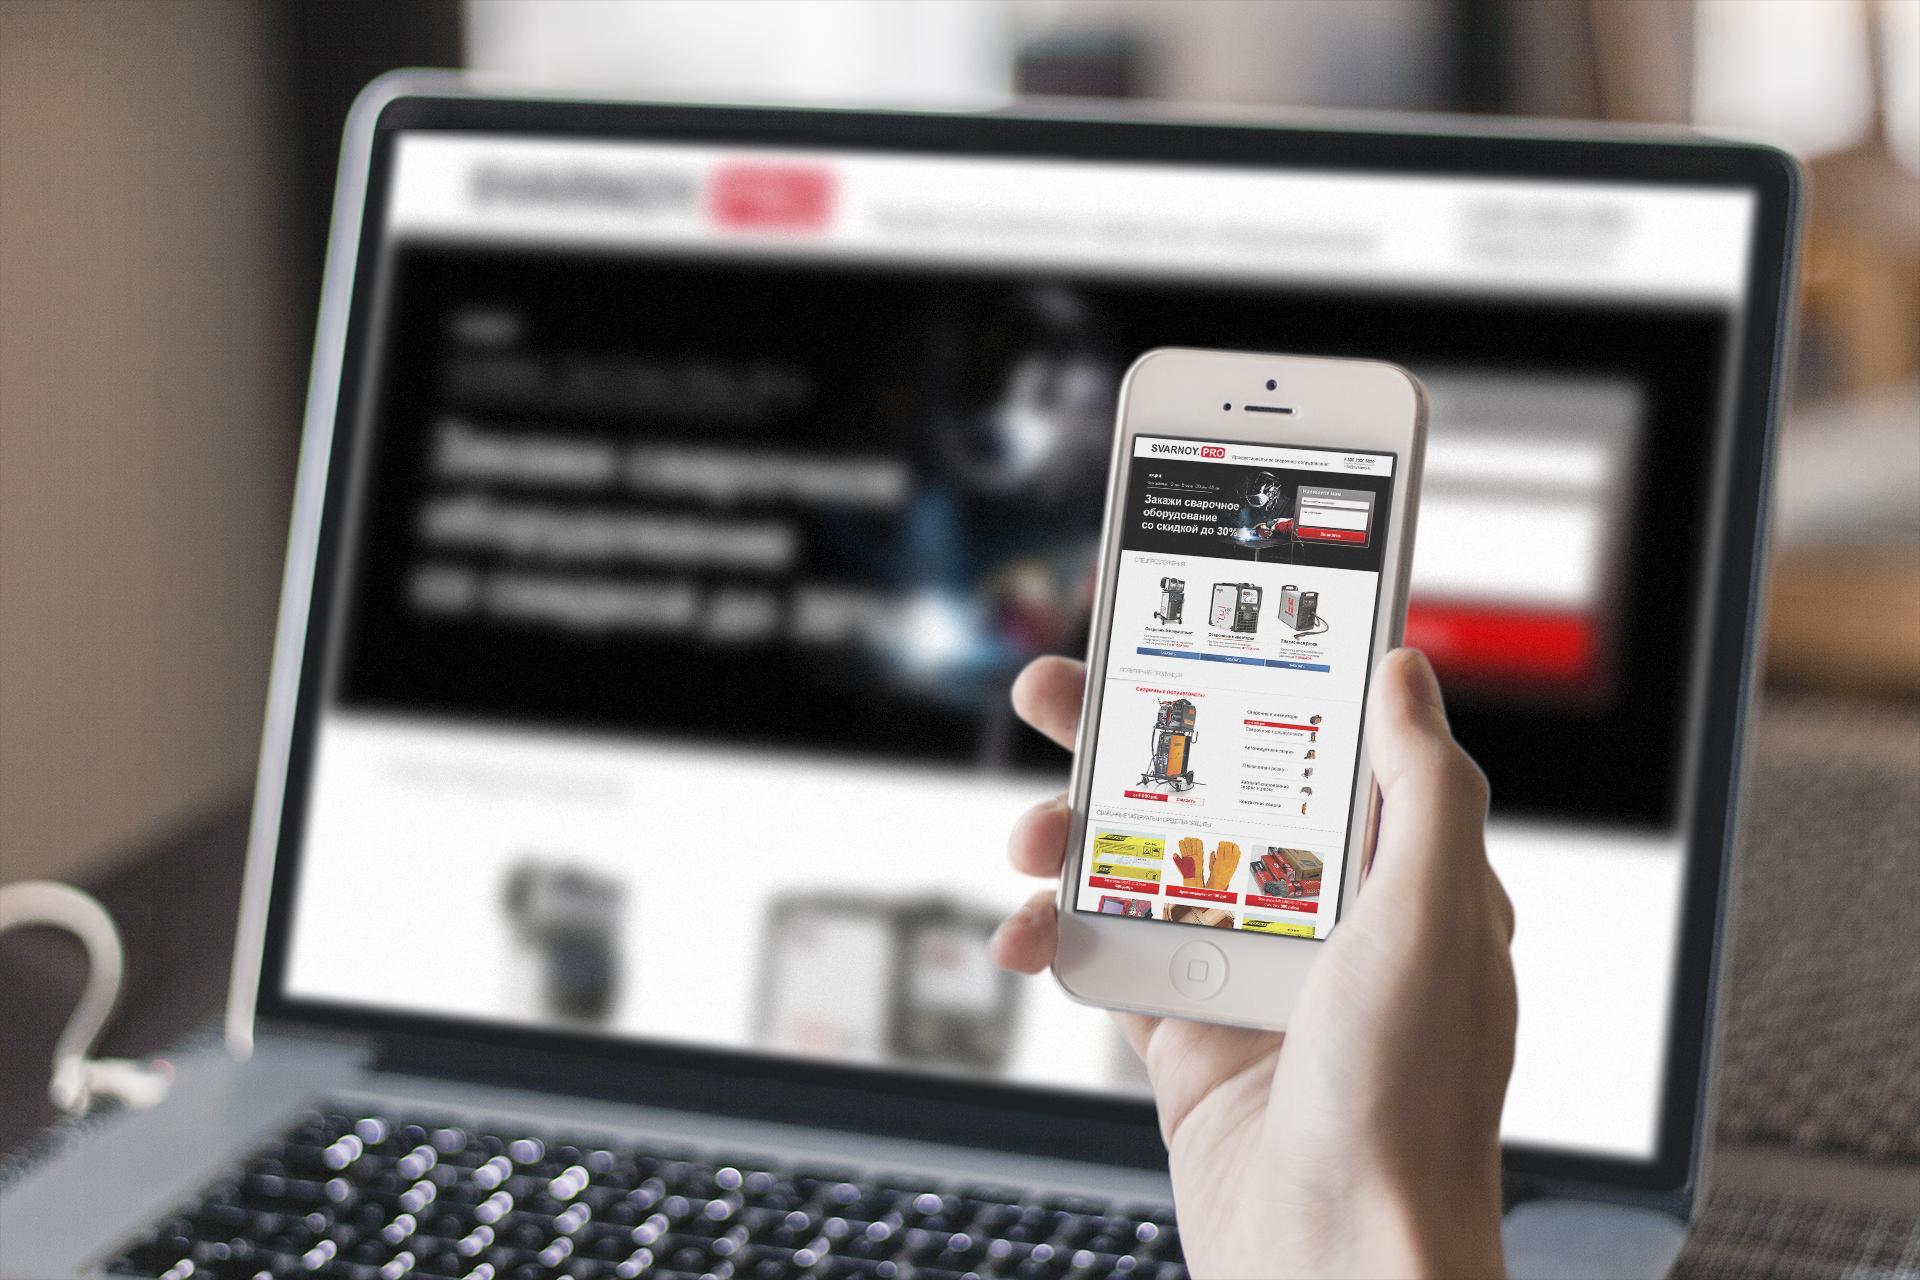 фото сайт для продажи фото с телефона седина зоне